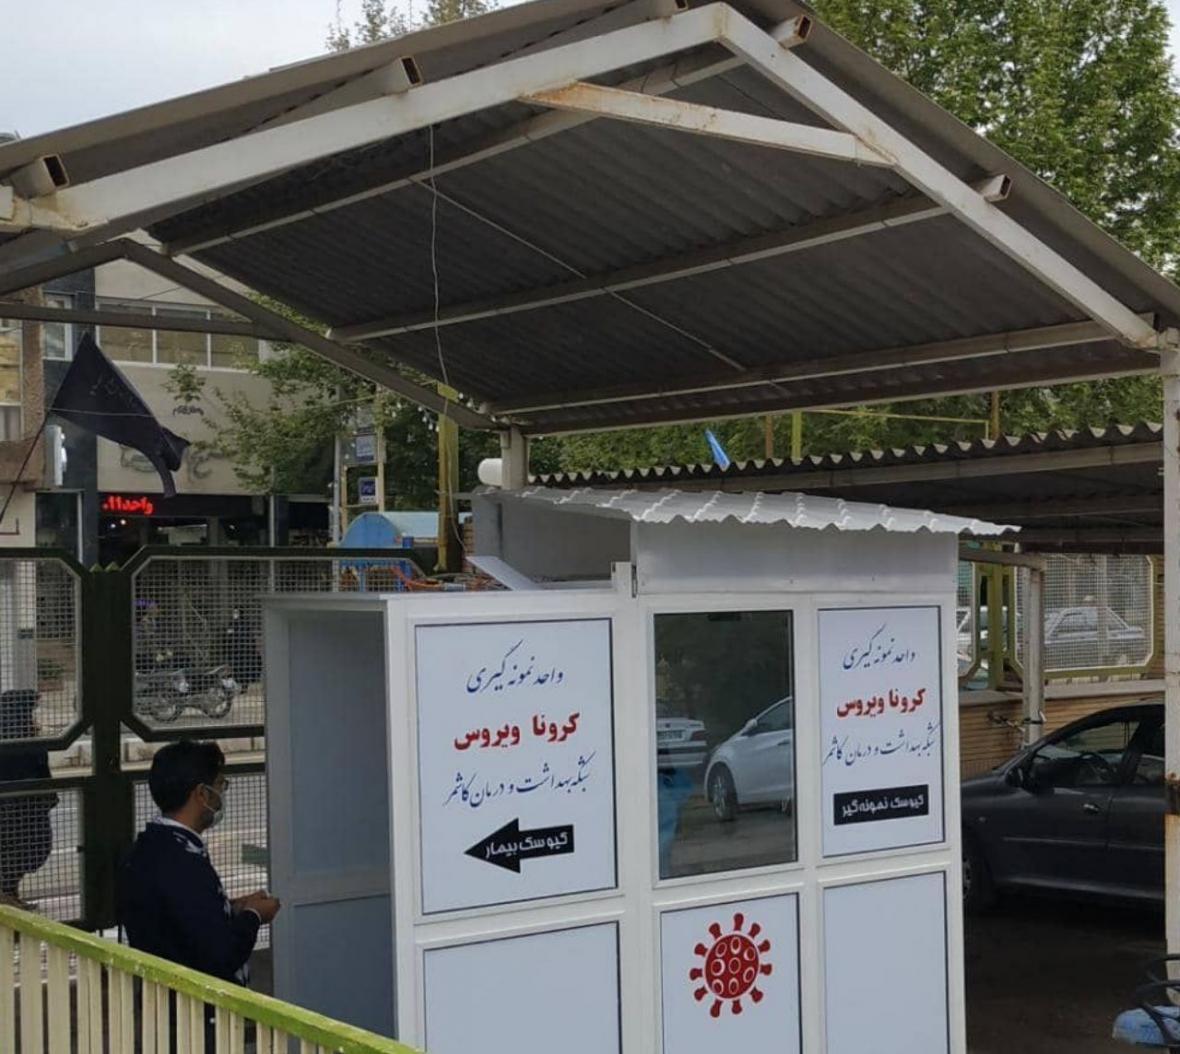 خبرنگاران خیران مشهدی 2 کانکس نمونه گیری کرونا راه اندازی کردند